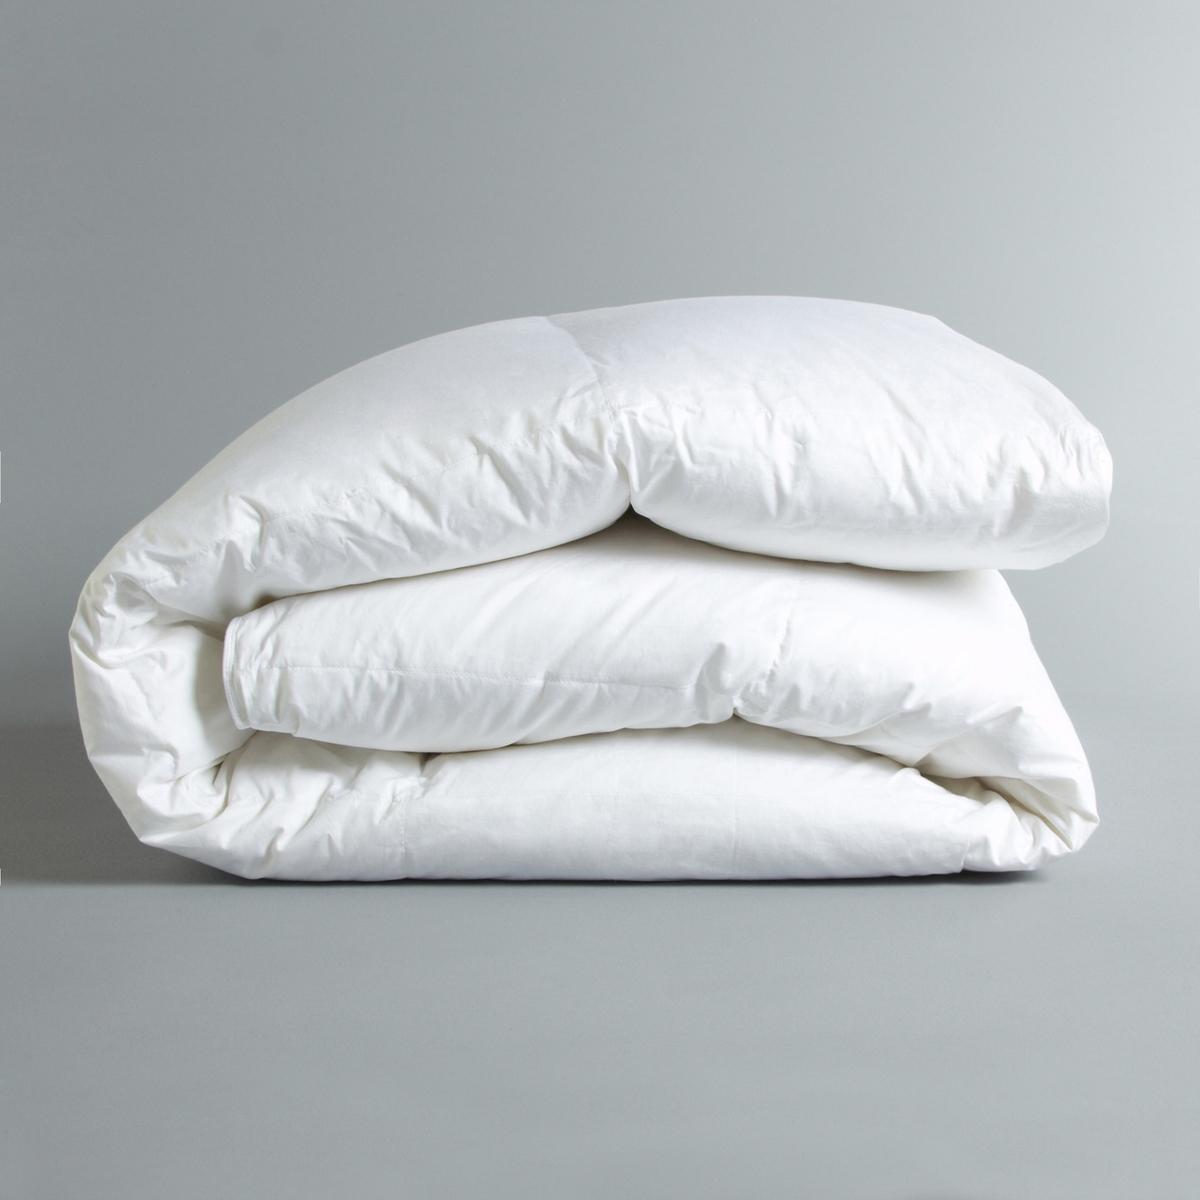 Одеяло La Redoute Синтетическое Banket 200 x 200 см белый